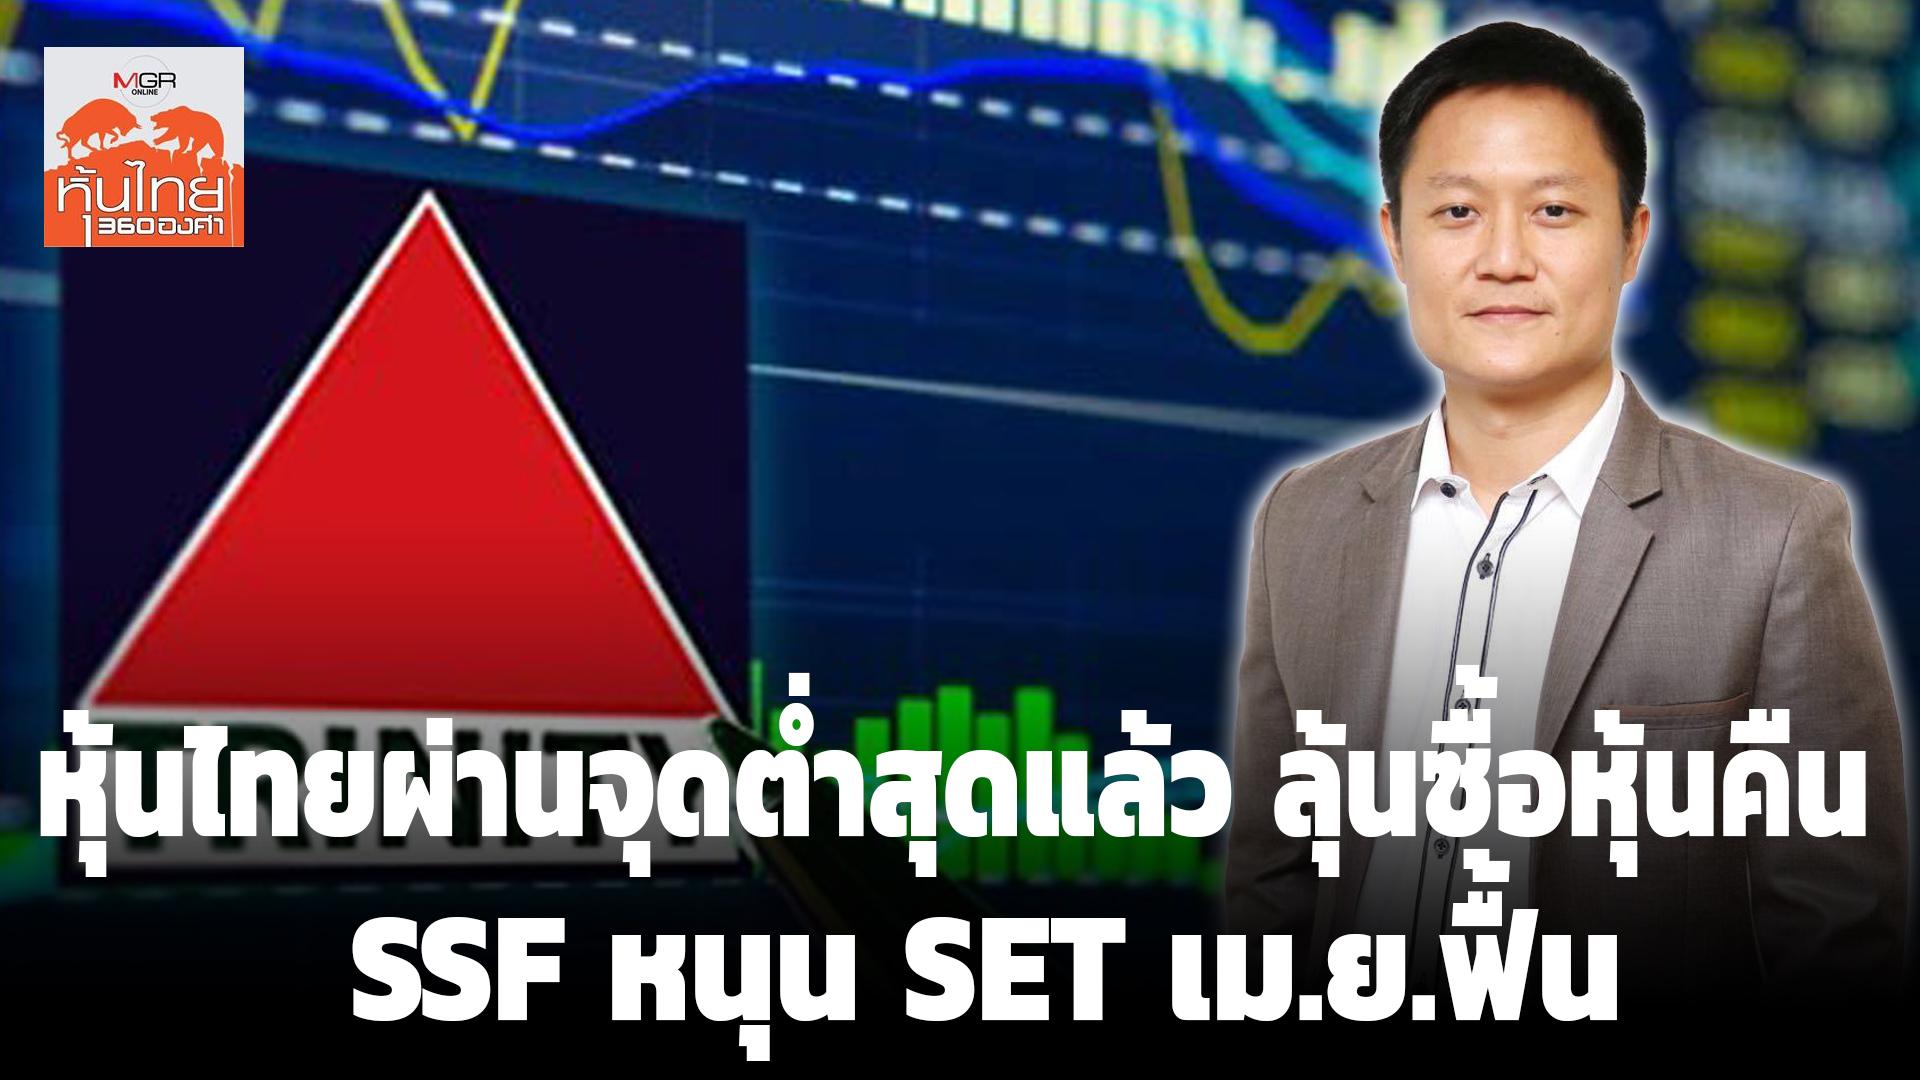 หุ้นไทยผ่านจุดต่ำสุดแล้ว ลุ้นซื้อหุ้นคืน-SSF หนุน SET เม.ย.ฟื้น